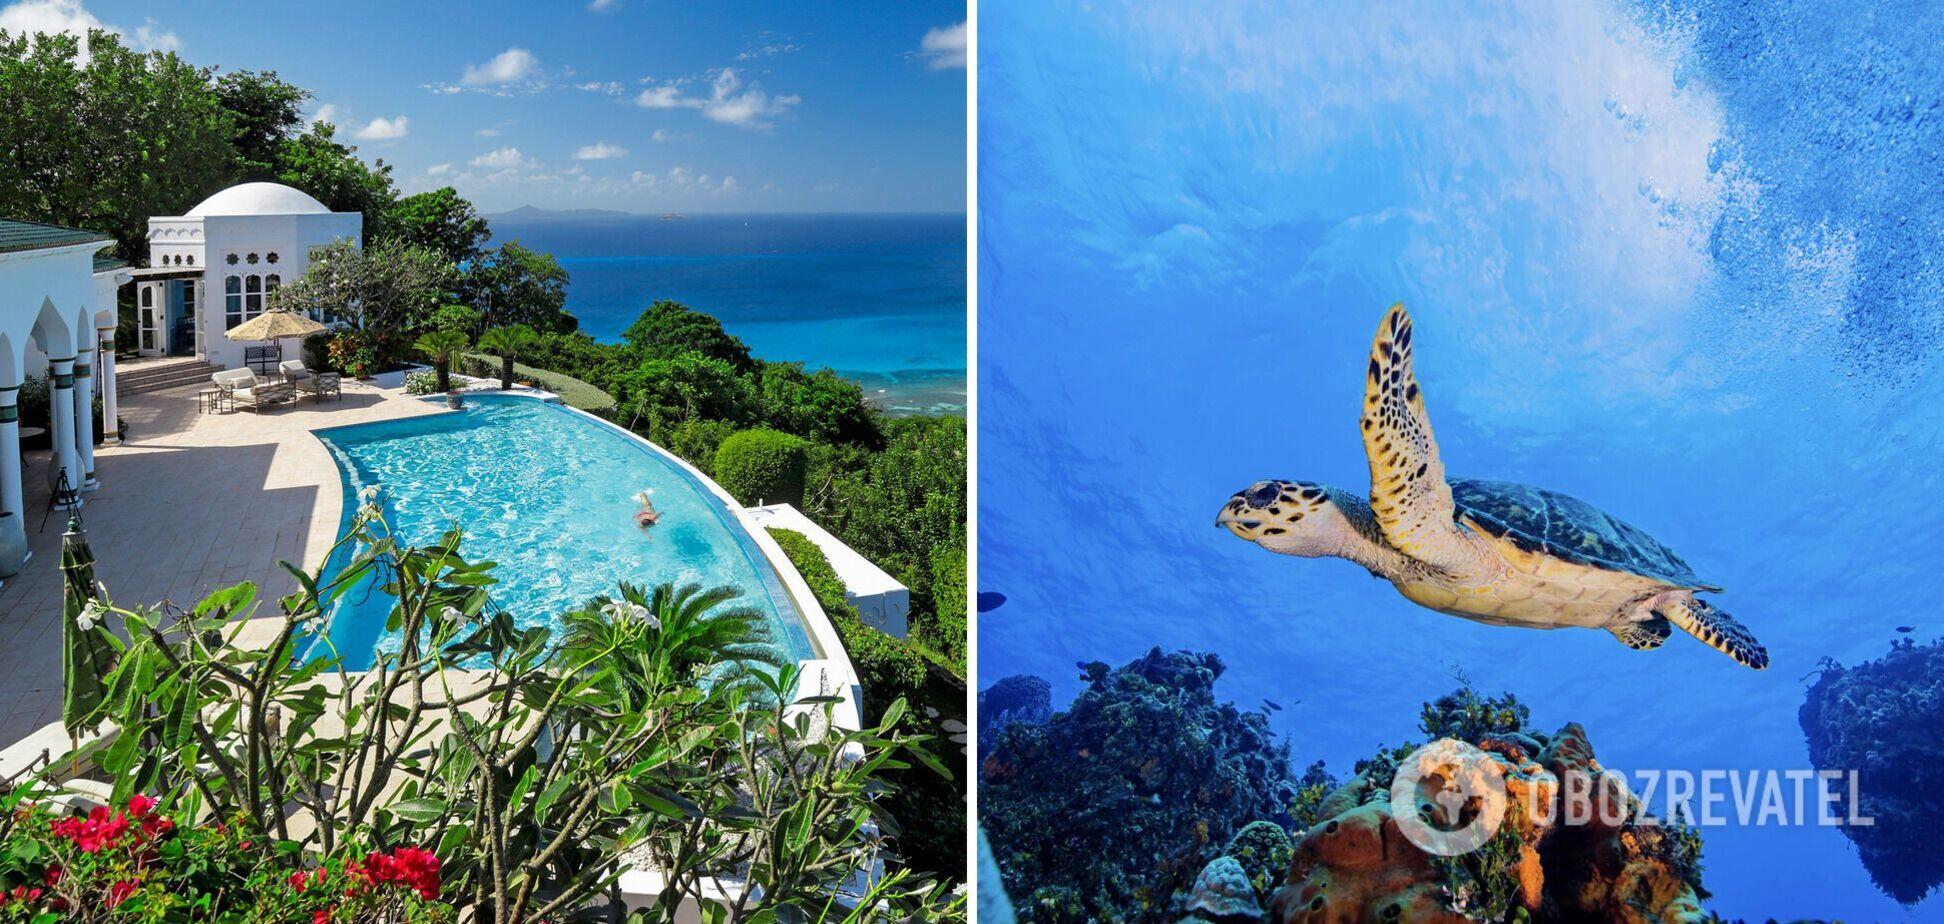 Топ-5 розкішних і найдорожчих острівних курортів світу